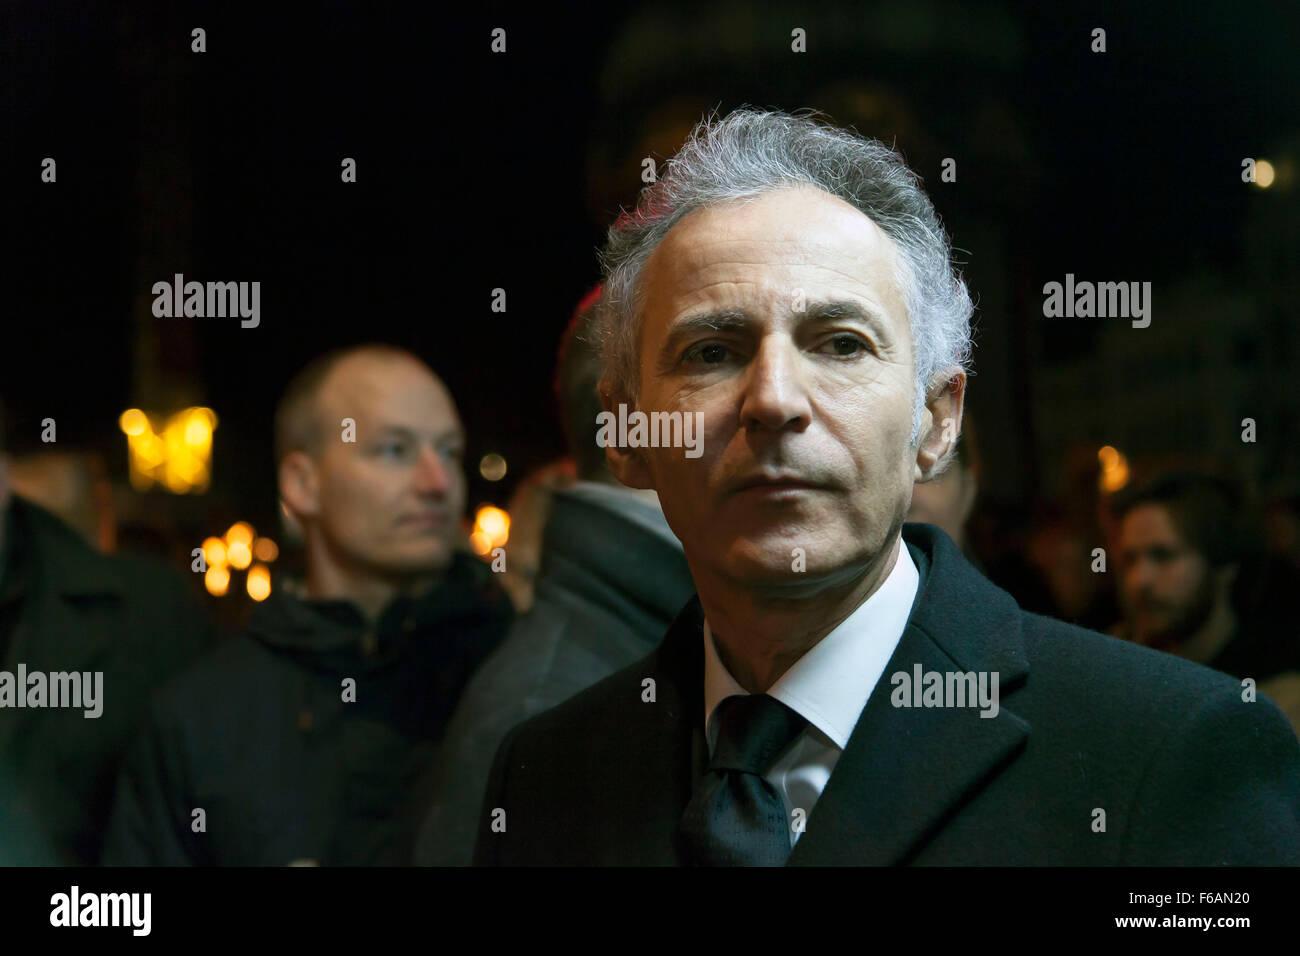 Copenhague, Dinamarca. El 15 de noviembre de 2015. El embajador de Francia en Dinamarca, François Zimeray, Imagen De Stock